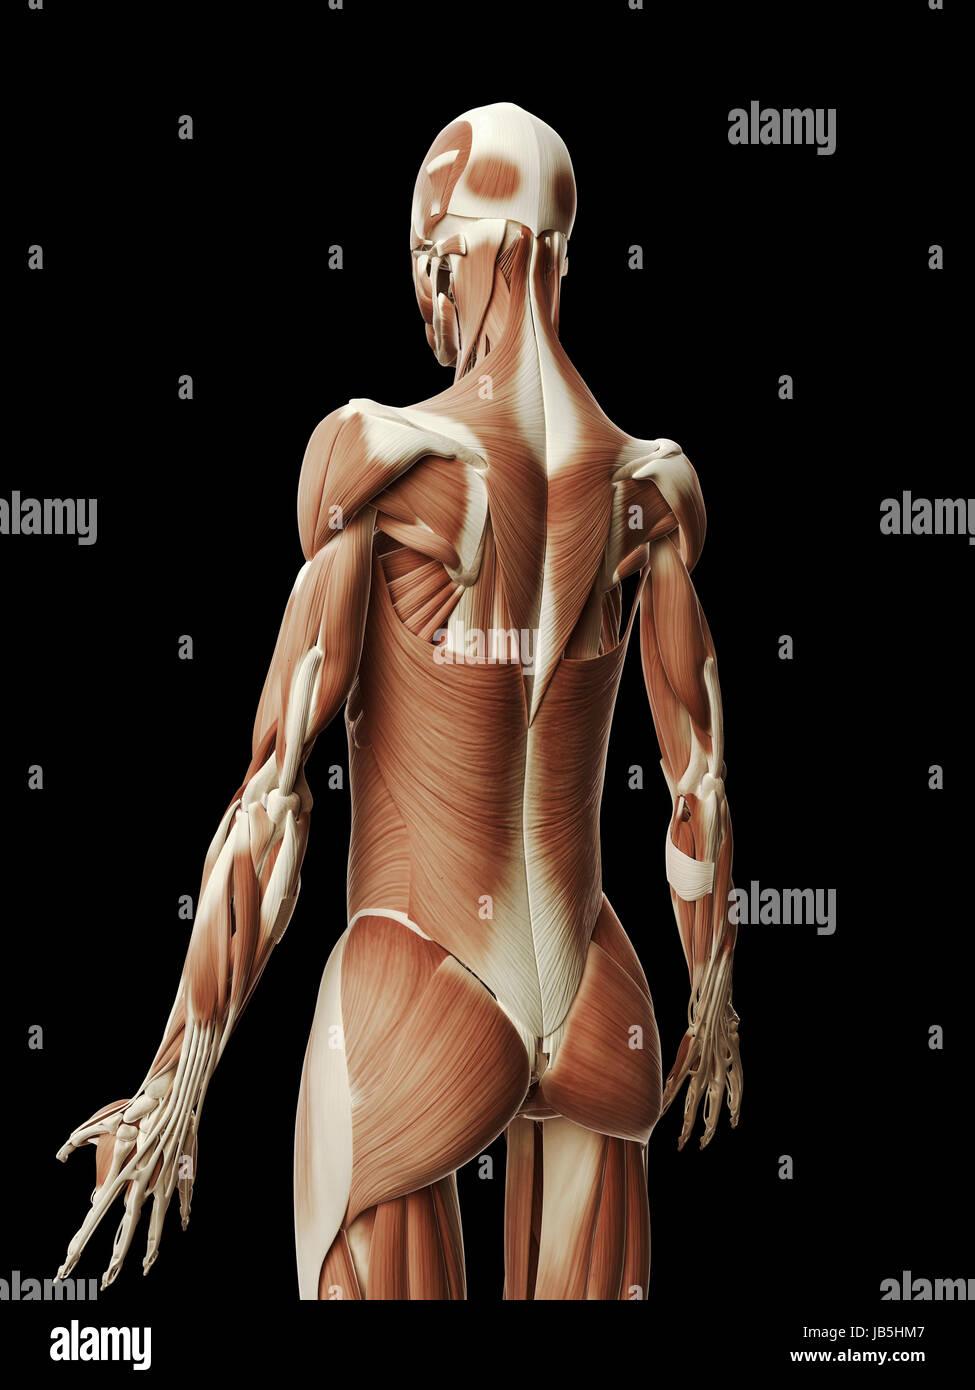 medizinische Illustration der weibliche Muskeln Stockfoto, Bild ...